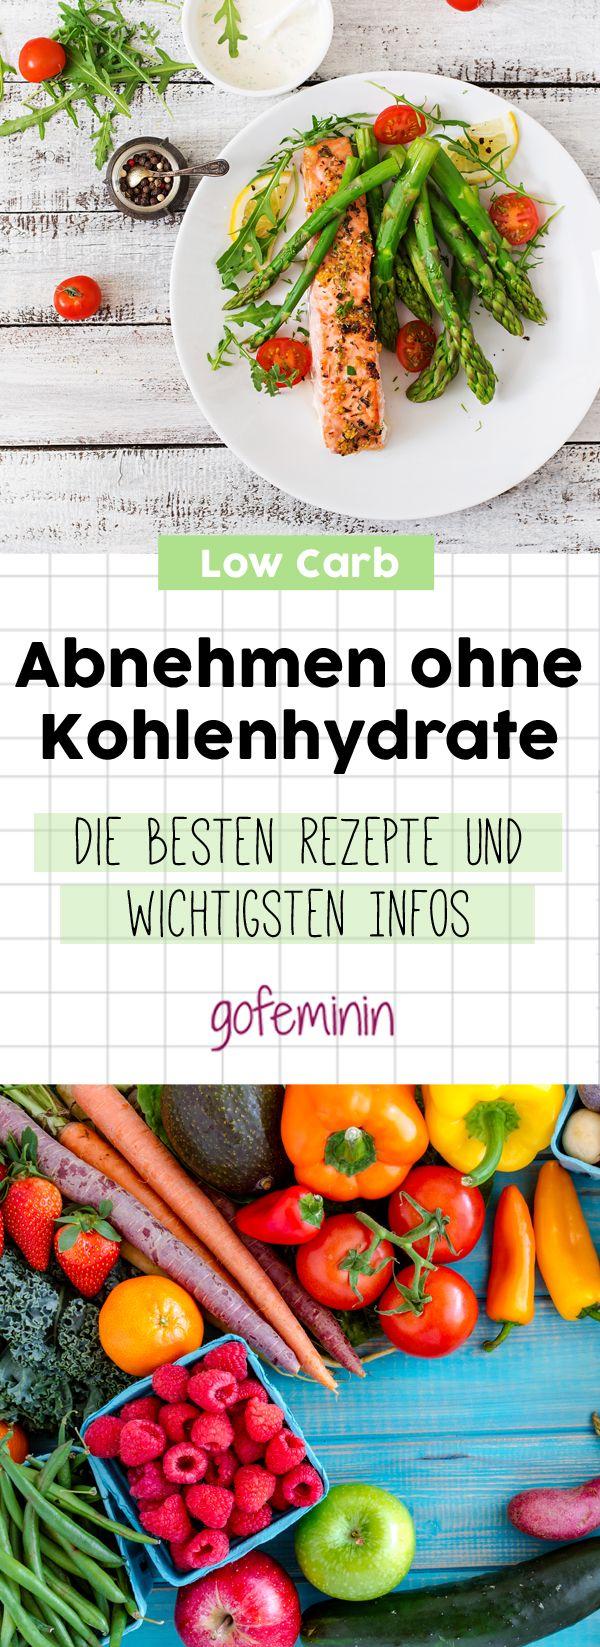 Abnehmen ohne Kohlenhydrate: Die besten Rezepte und wichtigsten Infos